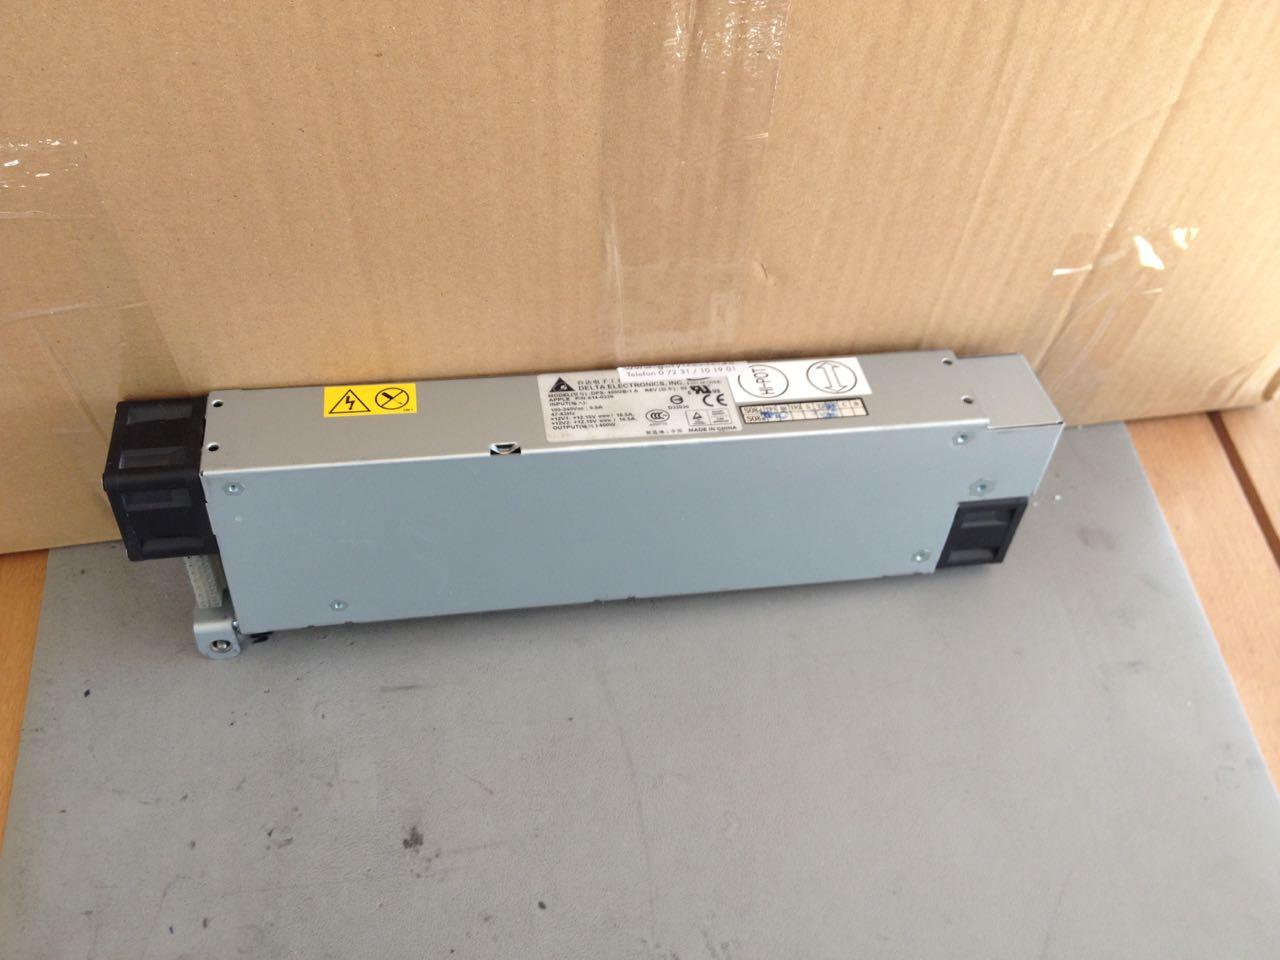 DPS-400GB-1 A 2